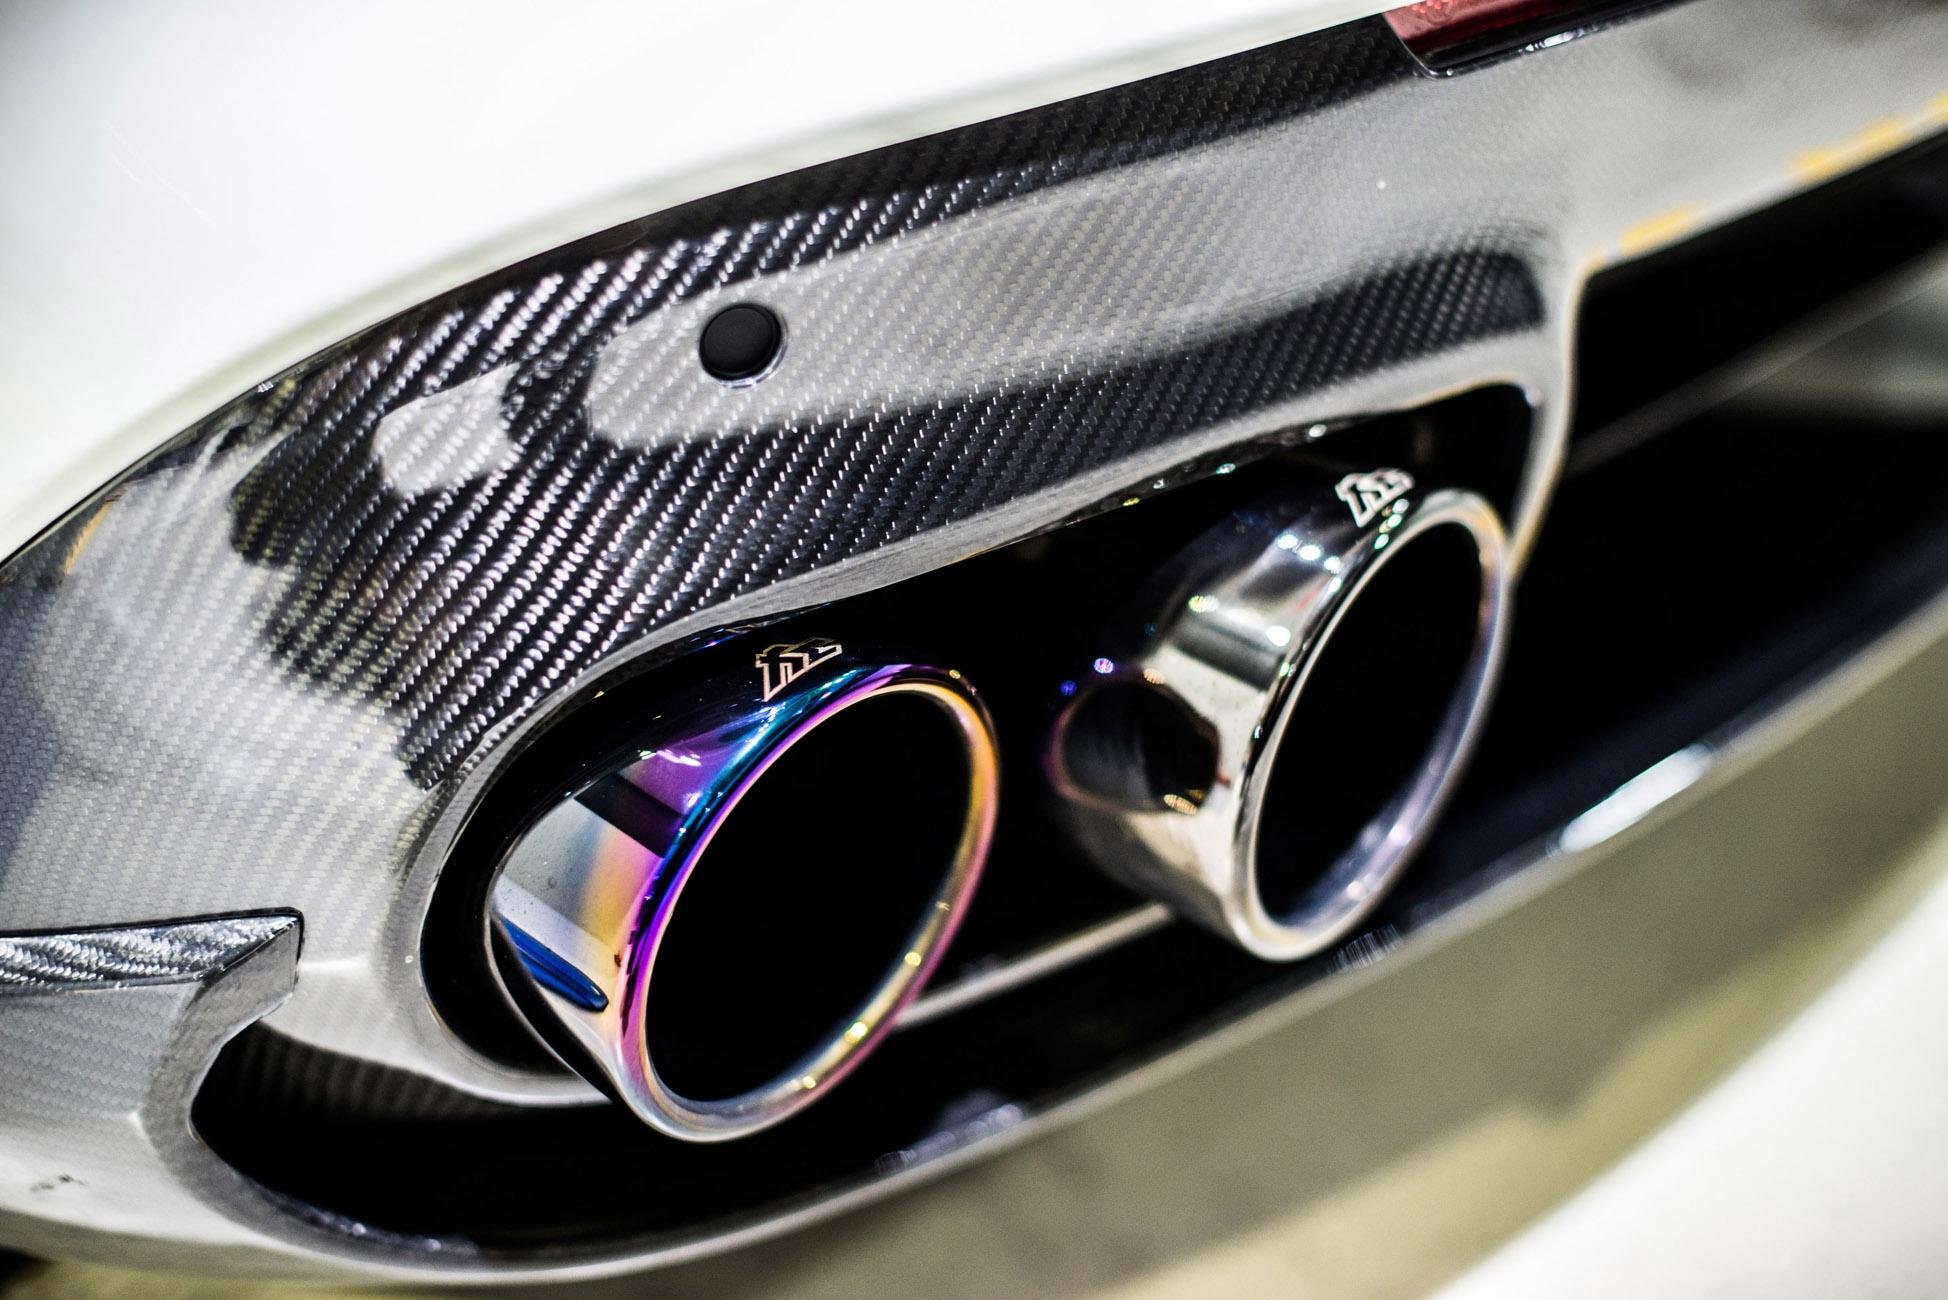 2014 PP-Performance Ferrari F12 Berlinetta